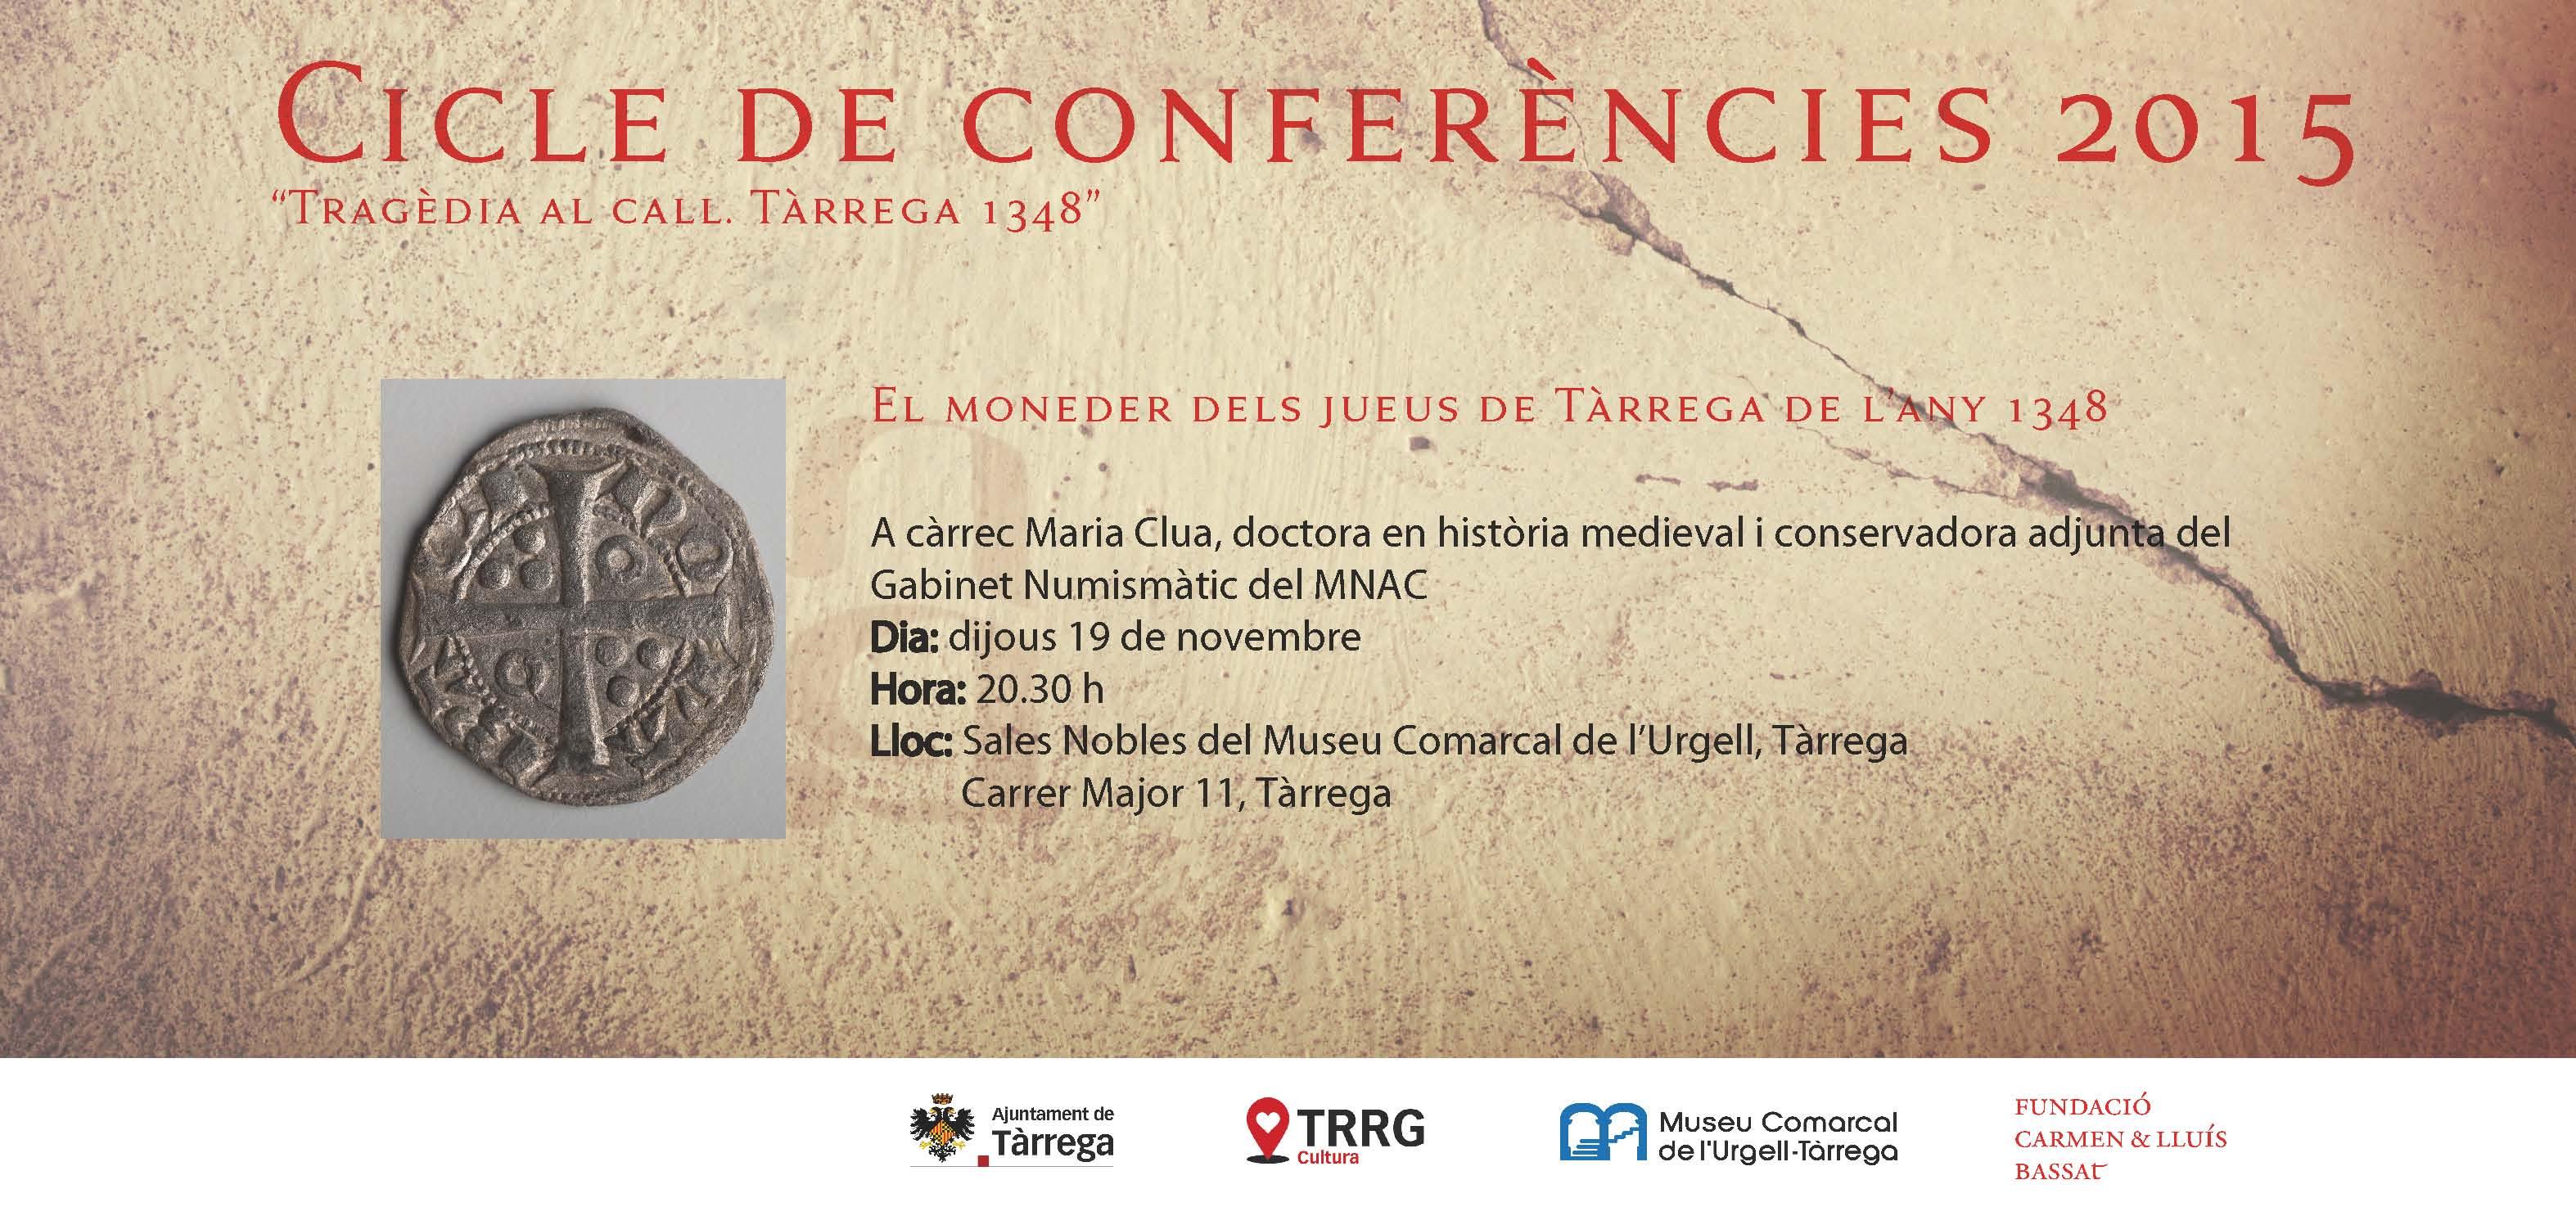 El moneder dels jueus de Tàrrega de l'any 1348, una nova xerrada aquest dijous al MCUT